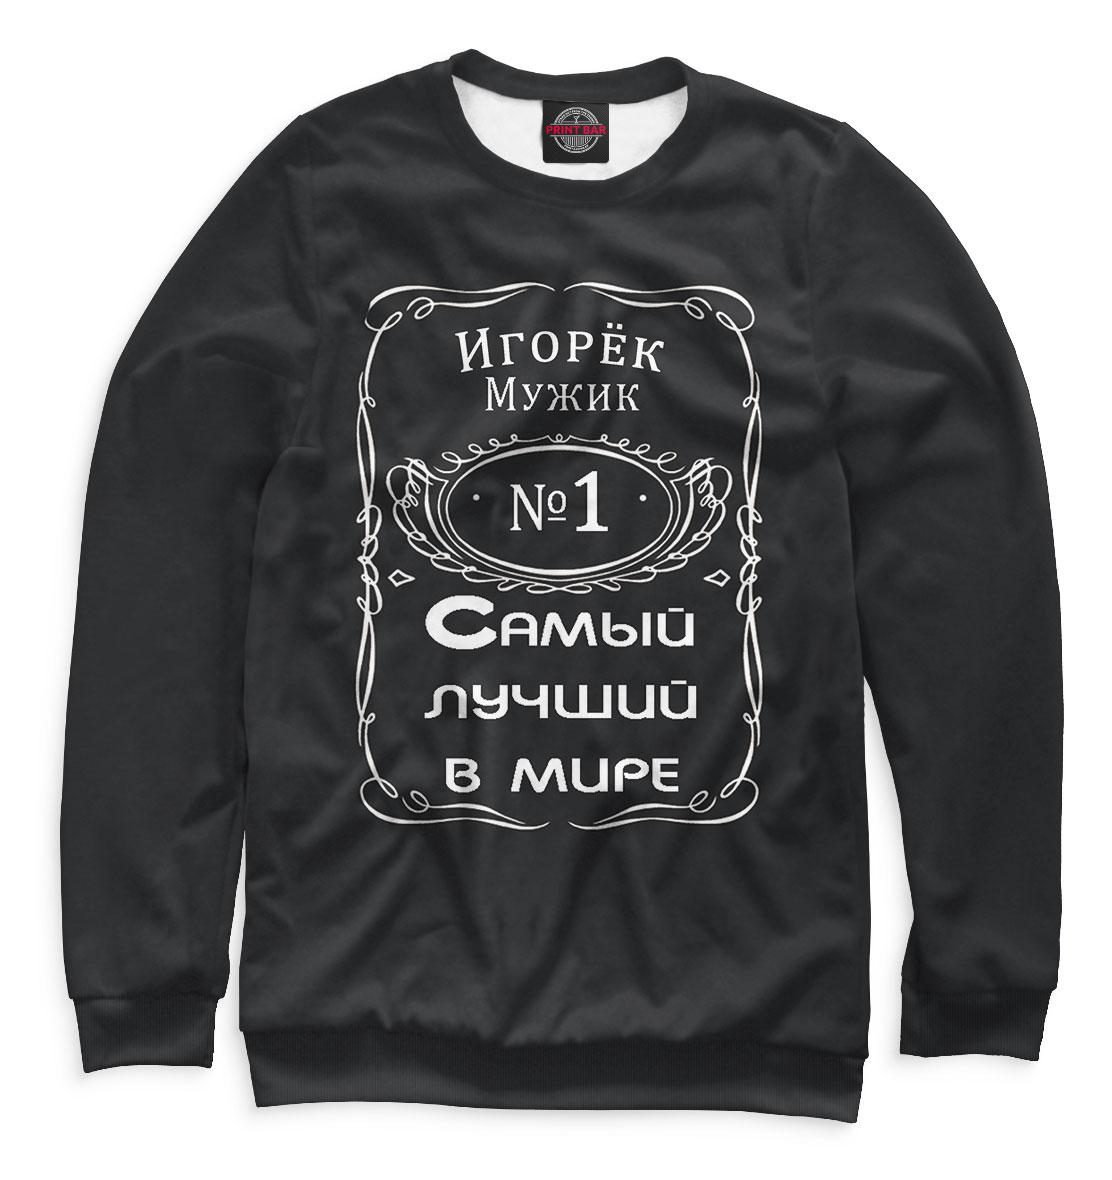 Купить Игорек — самый лучший в мире, Printbar, Свитшоты, IGO-917875-swi